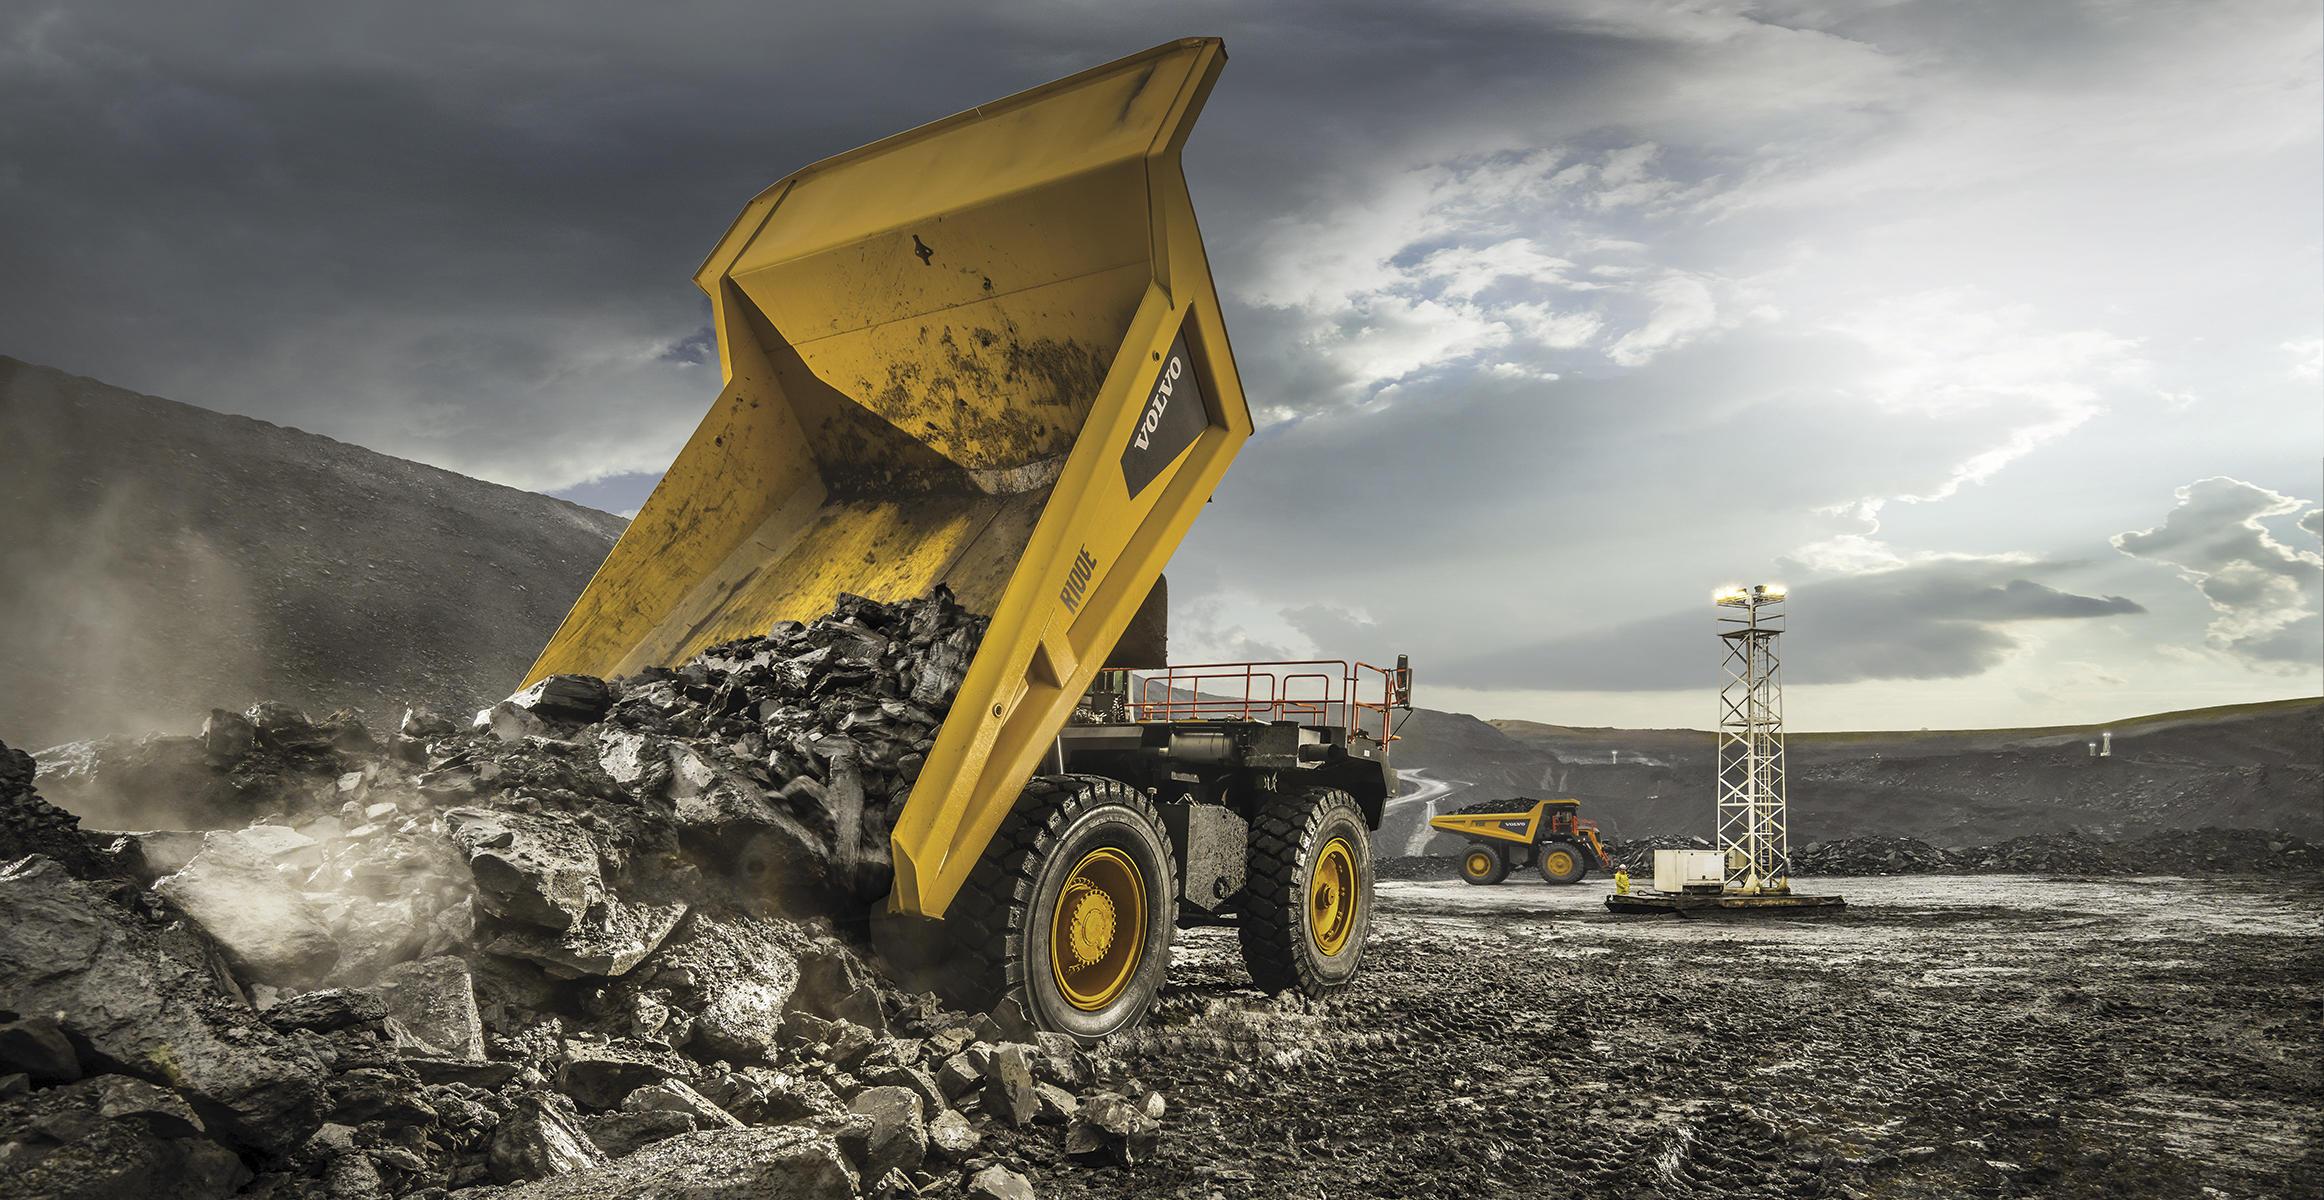 pale grandi le ammiraglie Volvo-benefits-rigid-hauler-r100e-t2-fully-loaded-2324x1200